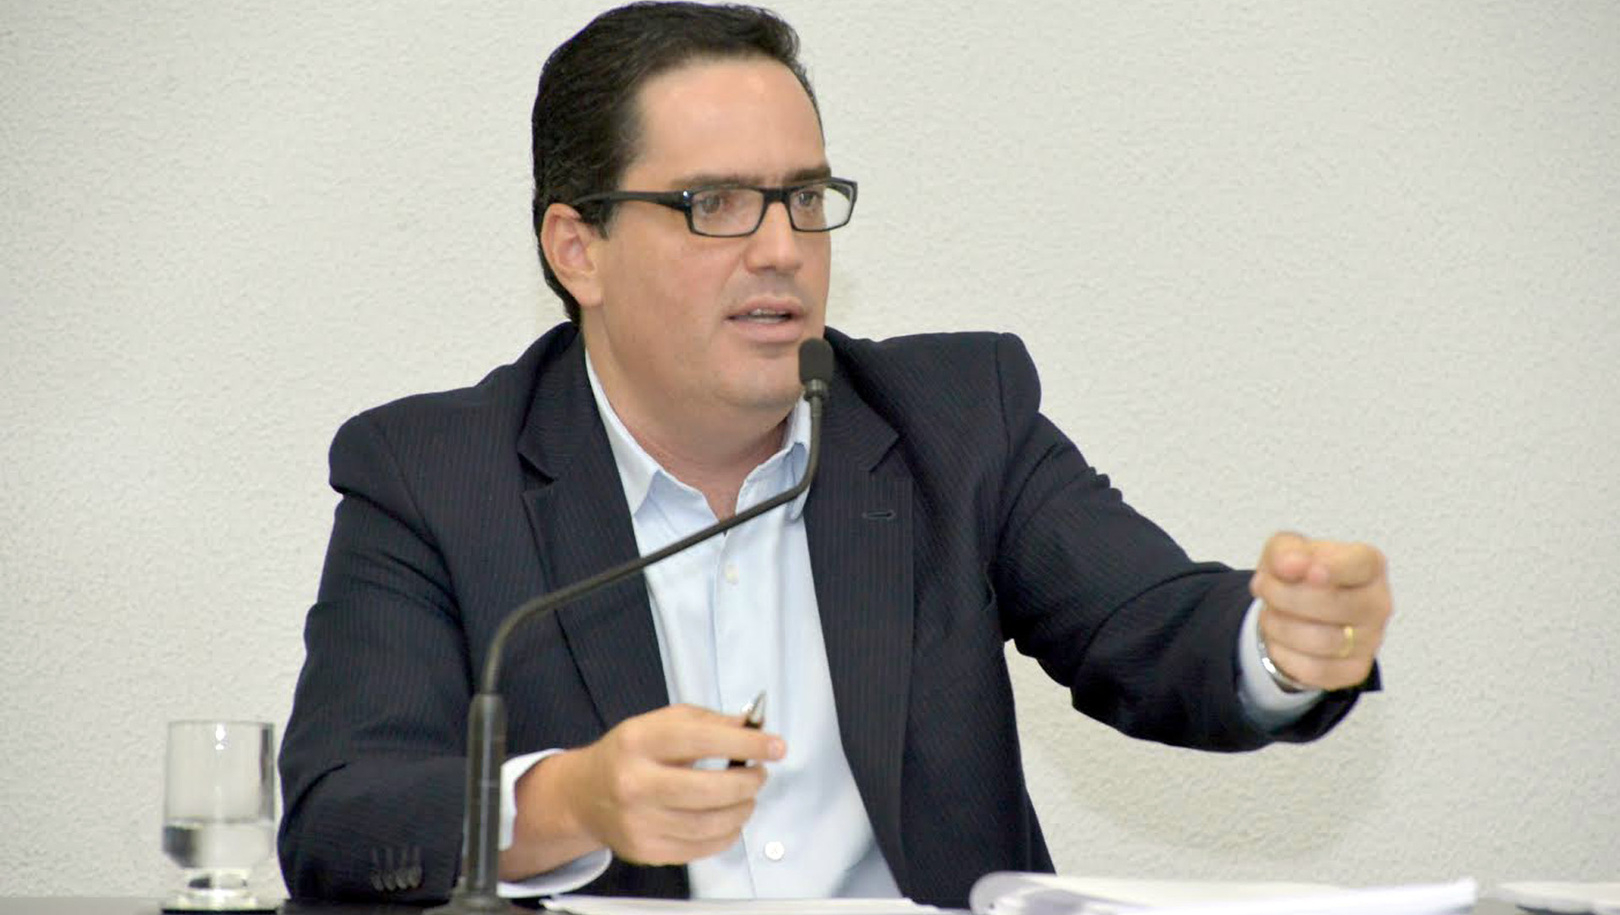 Promotor e doutor em História defende união para que um jurista de Goiás chegue ao STF